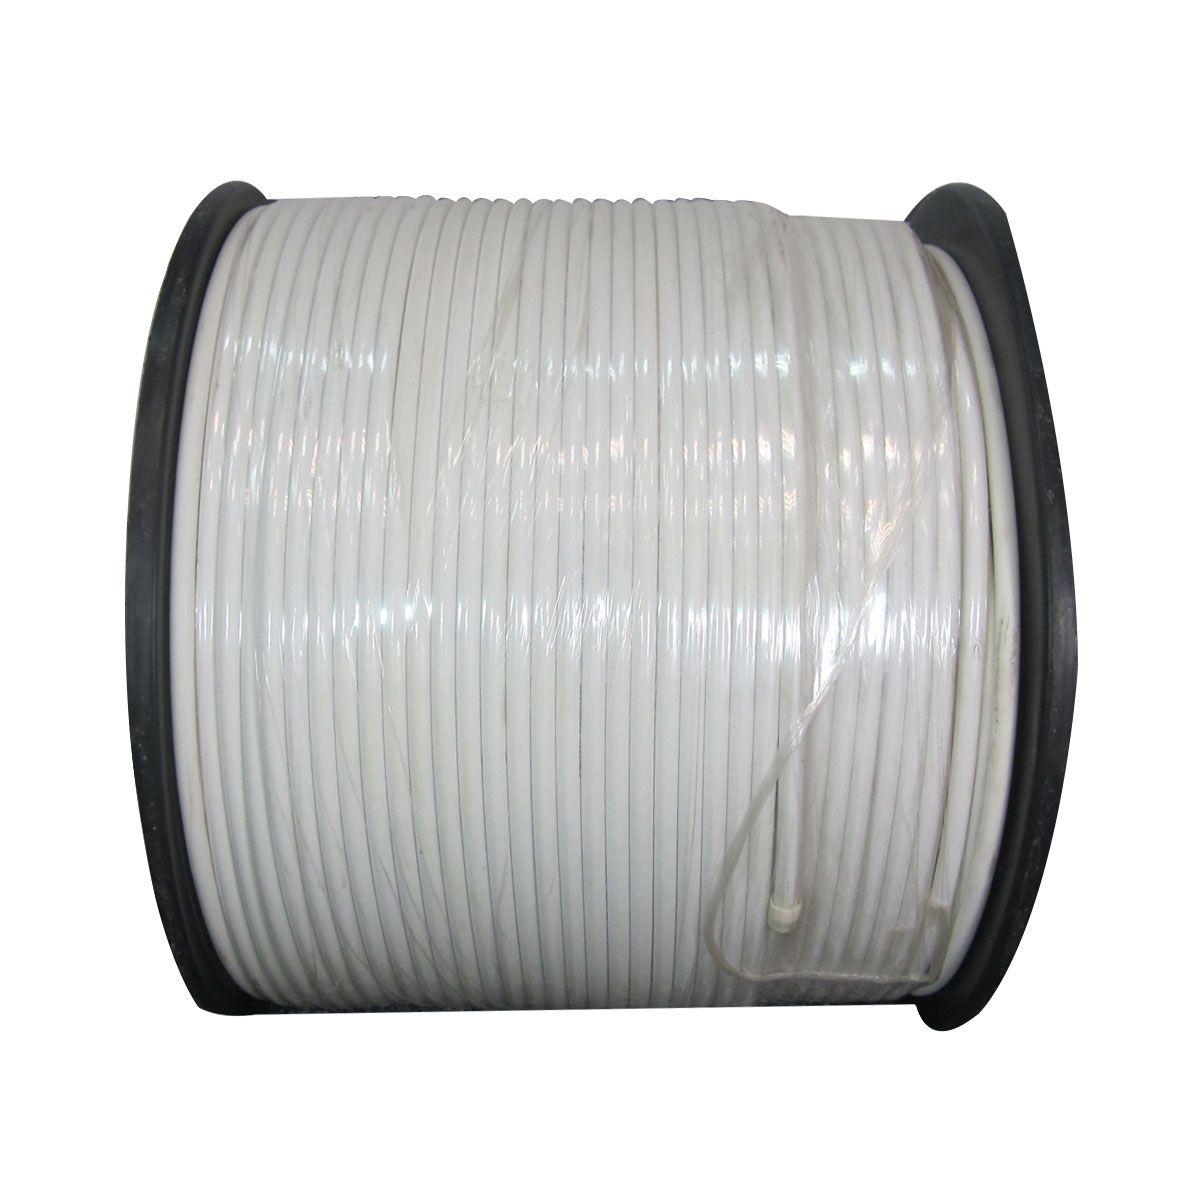 Bobina de cable coaxial RG6